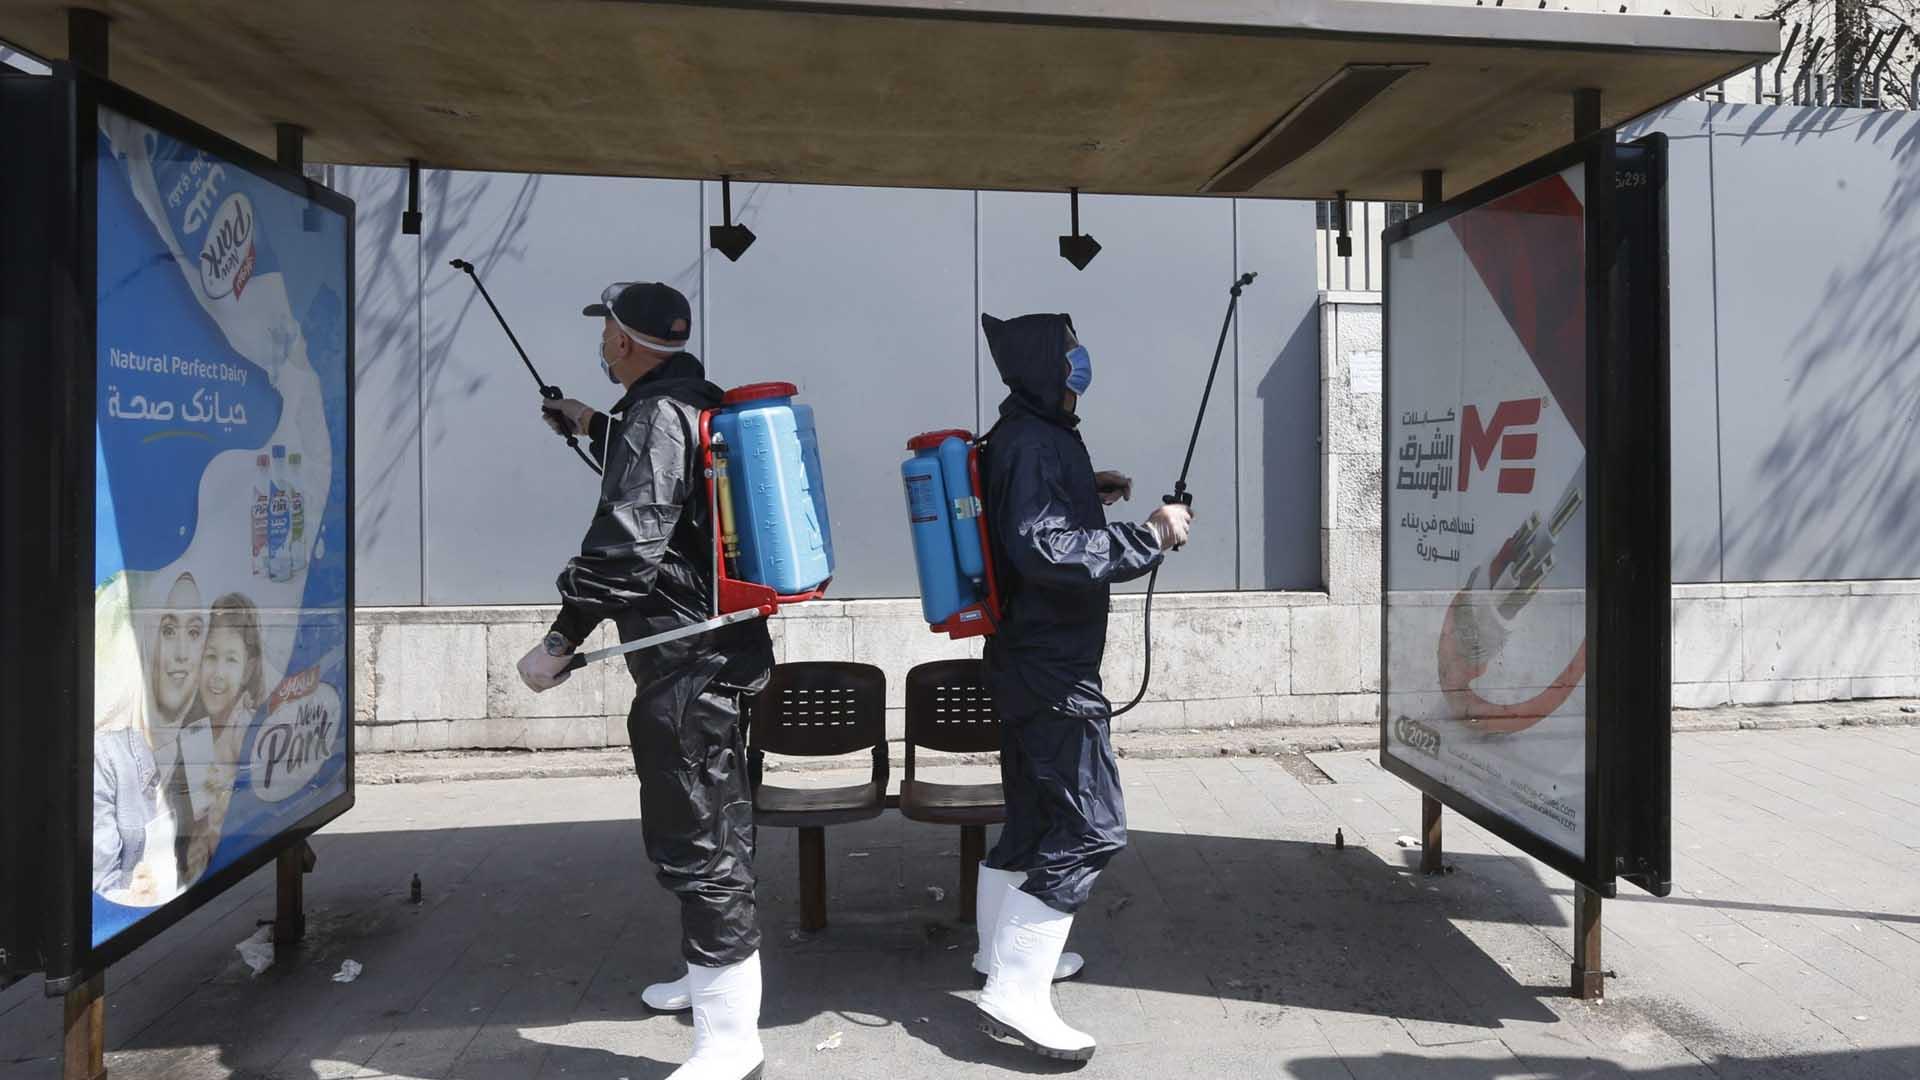 لمّا يشتد الوباء في سورية بعدُ… عندما يحدث ستكون كارثة